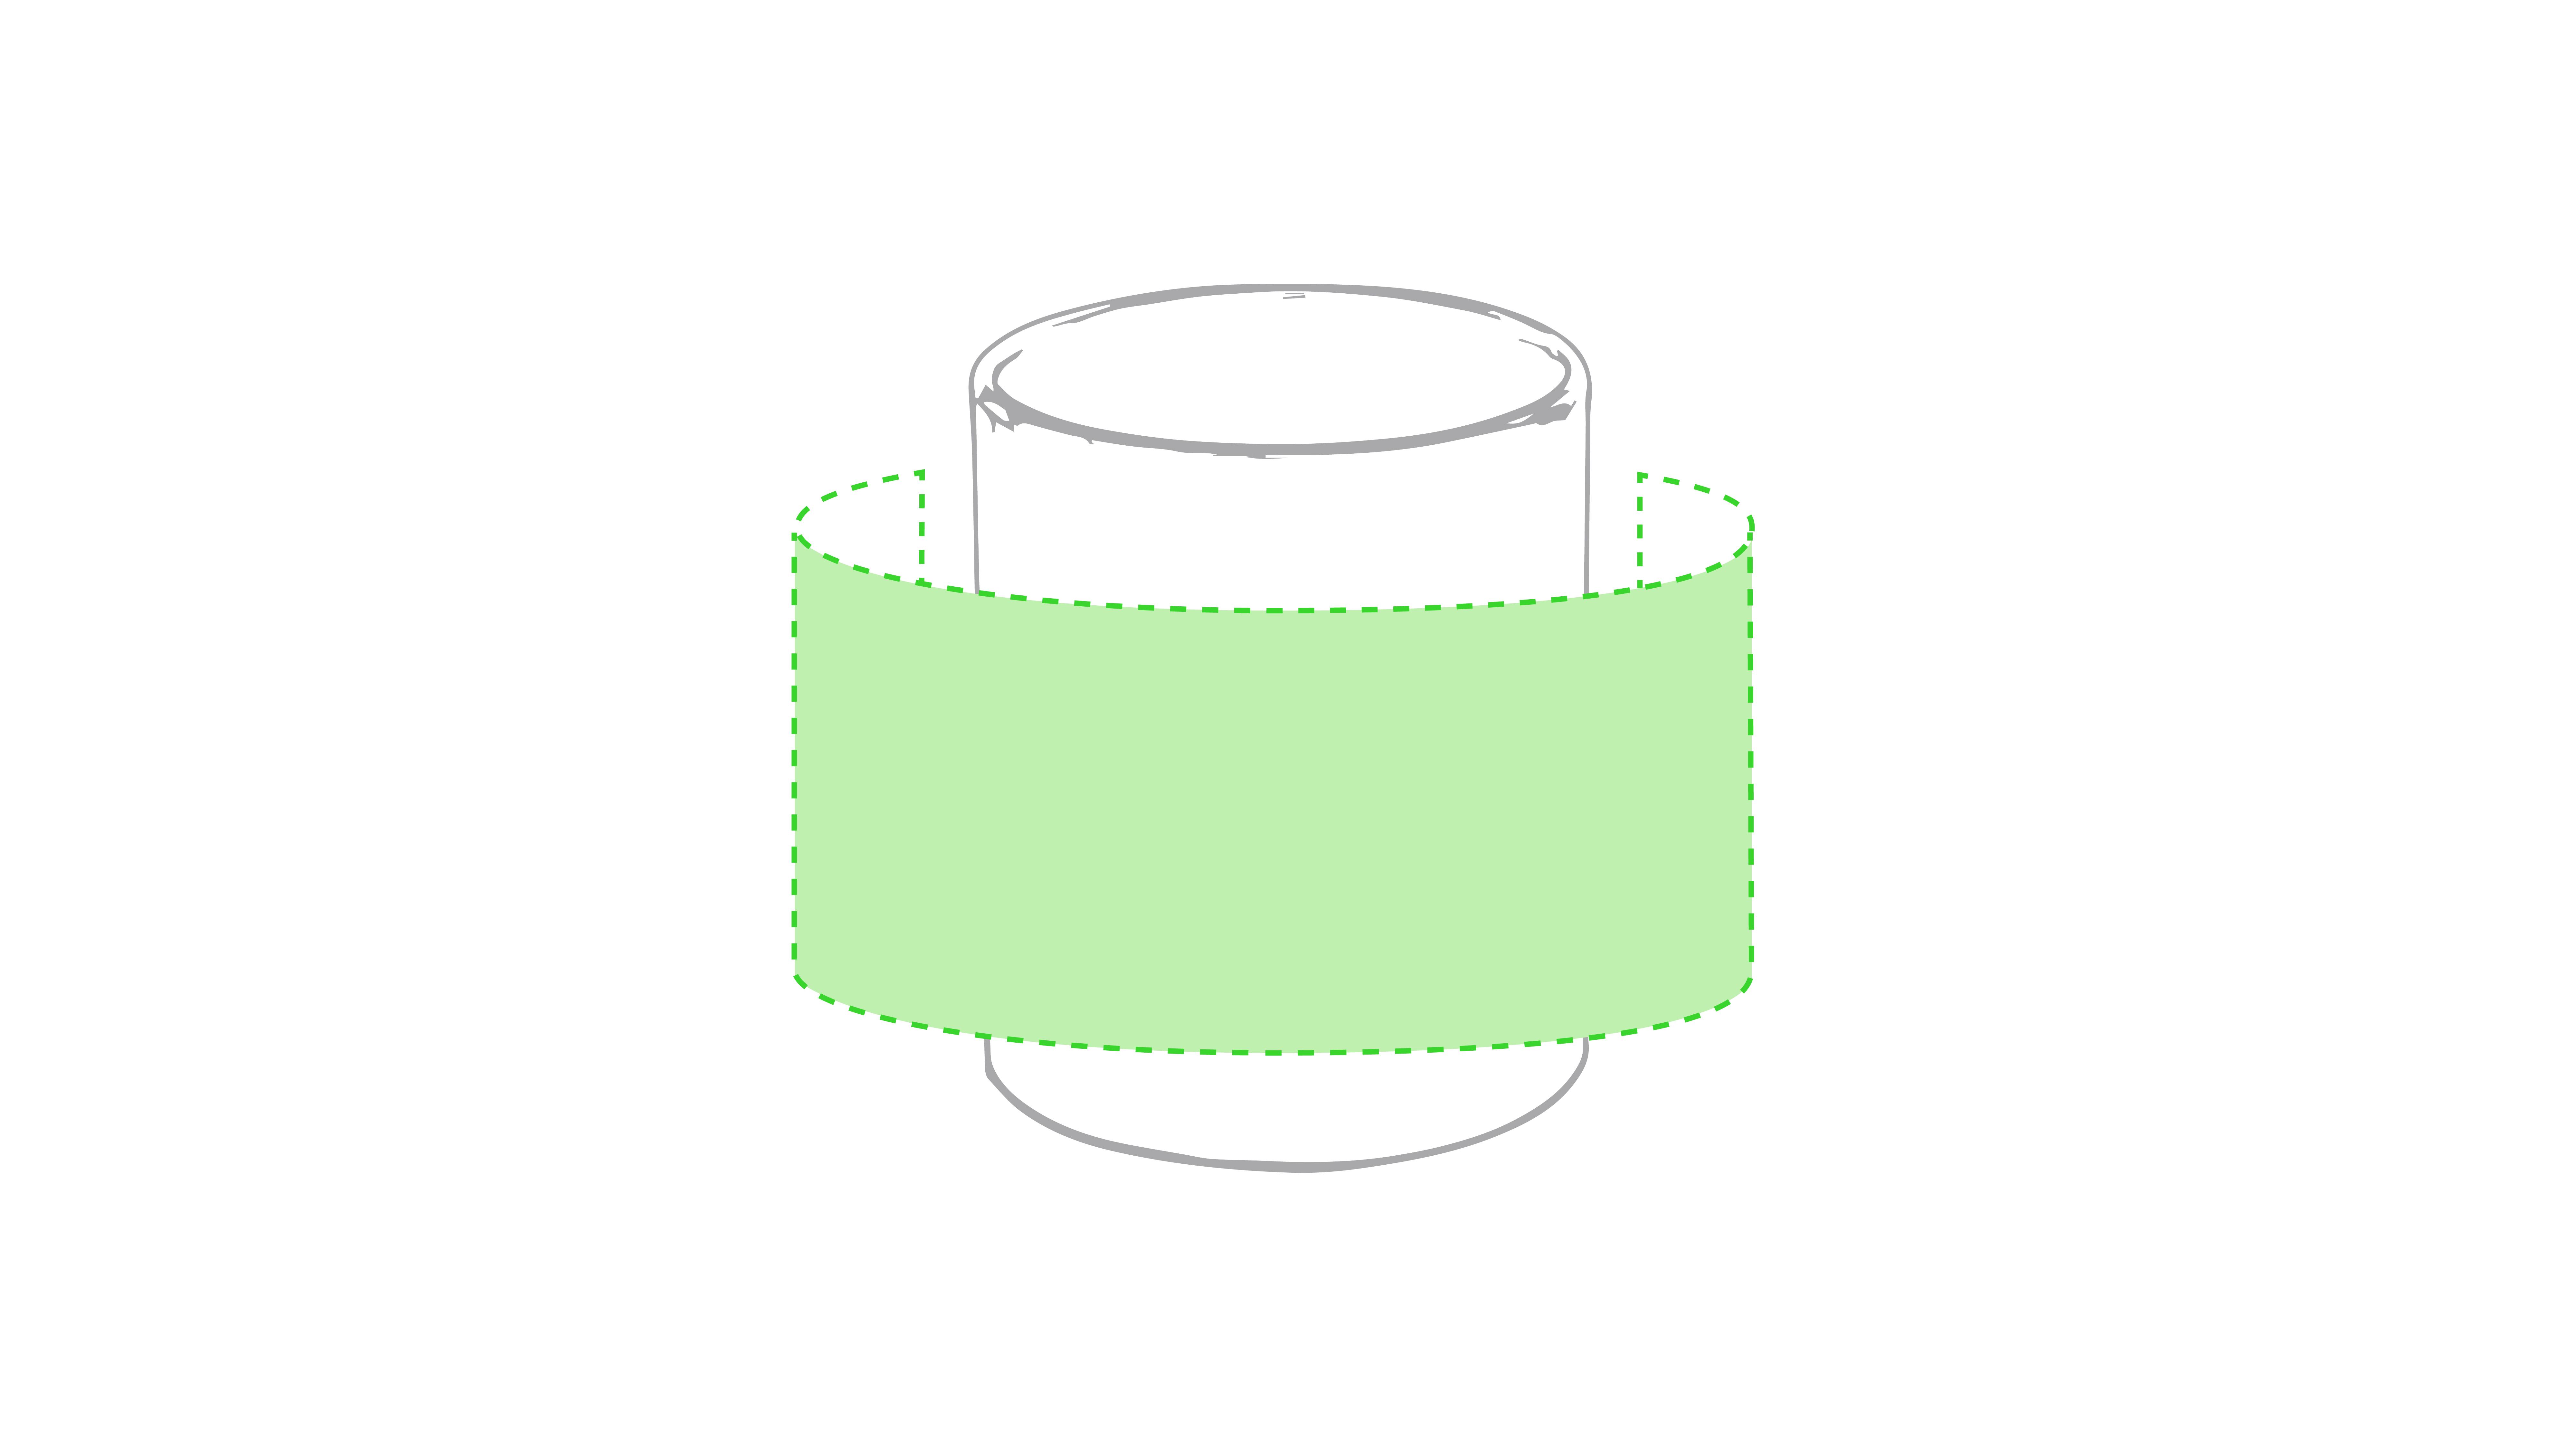 Alrededor de la taza - 20 x 8 cm